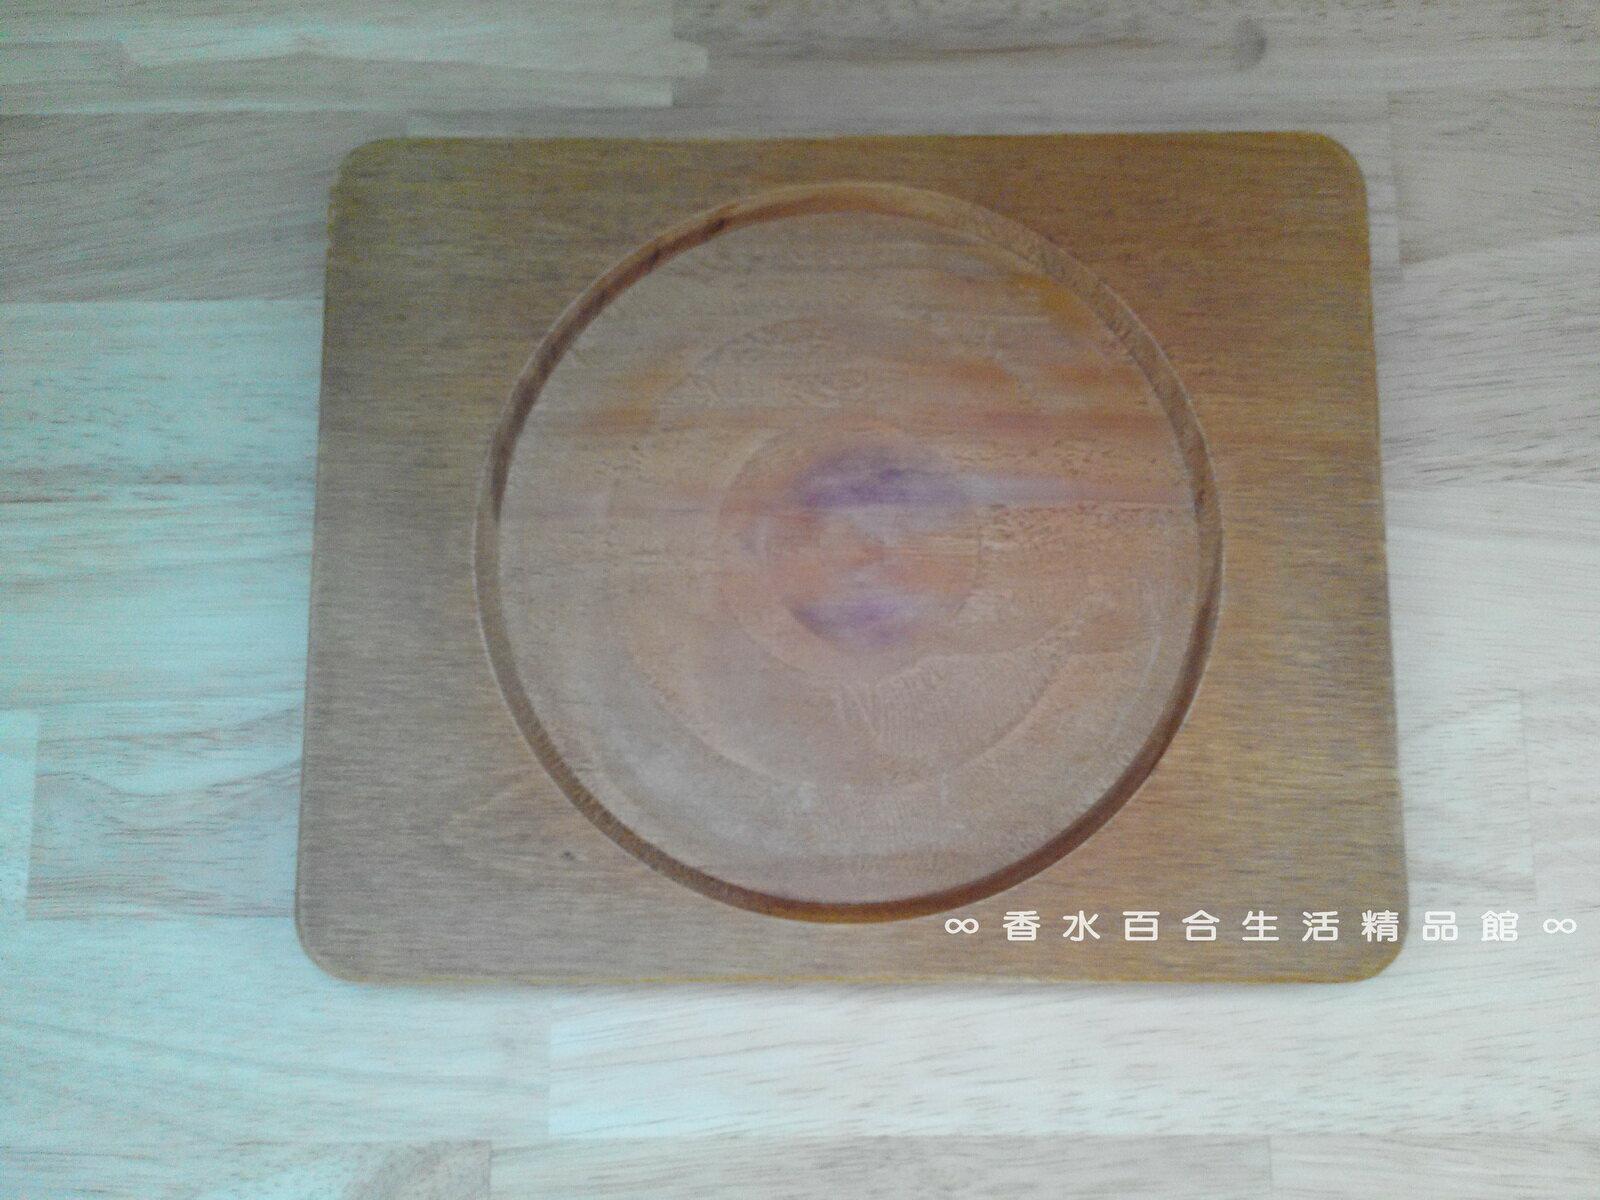 🌟現貨🌟原木鍋墊 8吋 木托盤 方形木鍋墊 隔熱墊 木墊 鍋墊 平底鍋 鑄鐵鍋 鑄鐵盤20cm 專用鍋墊